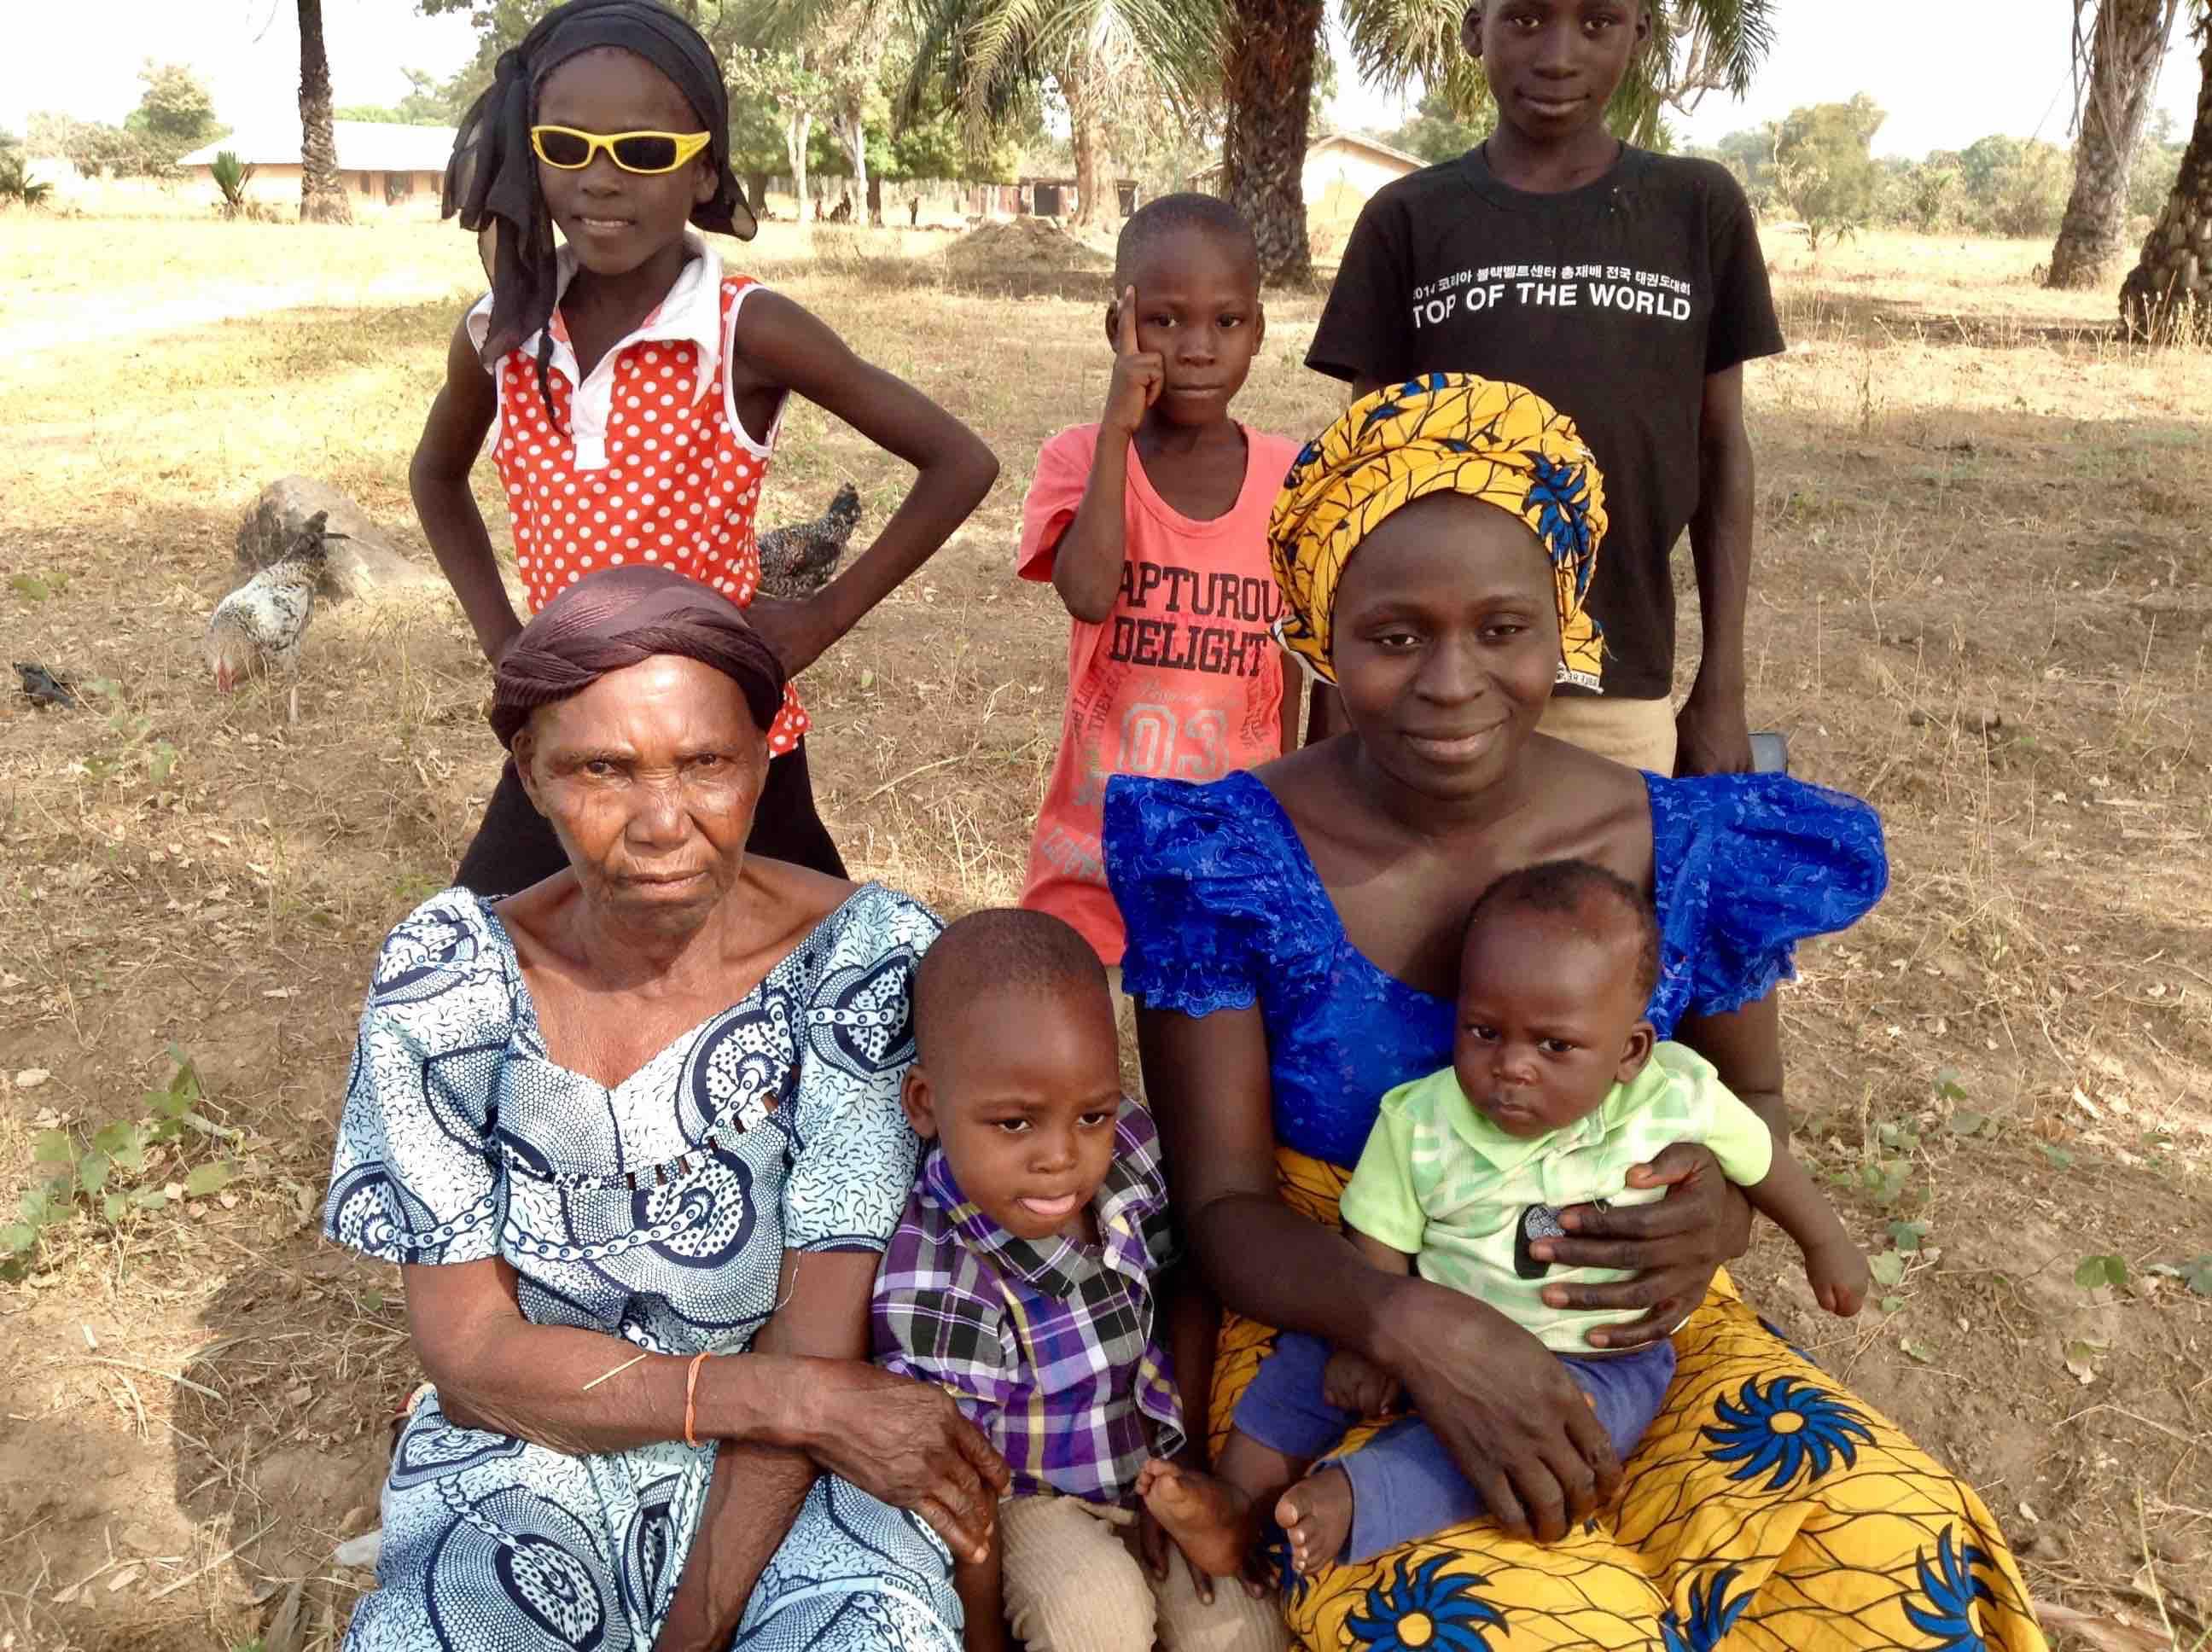 Eggon family in Langa Langa Village, Nasarawa State, Nigeria. #JujuFilms